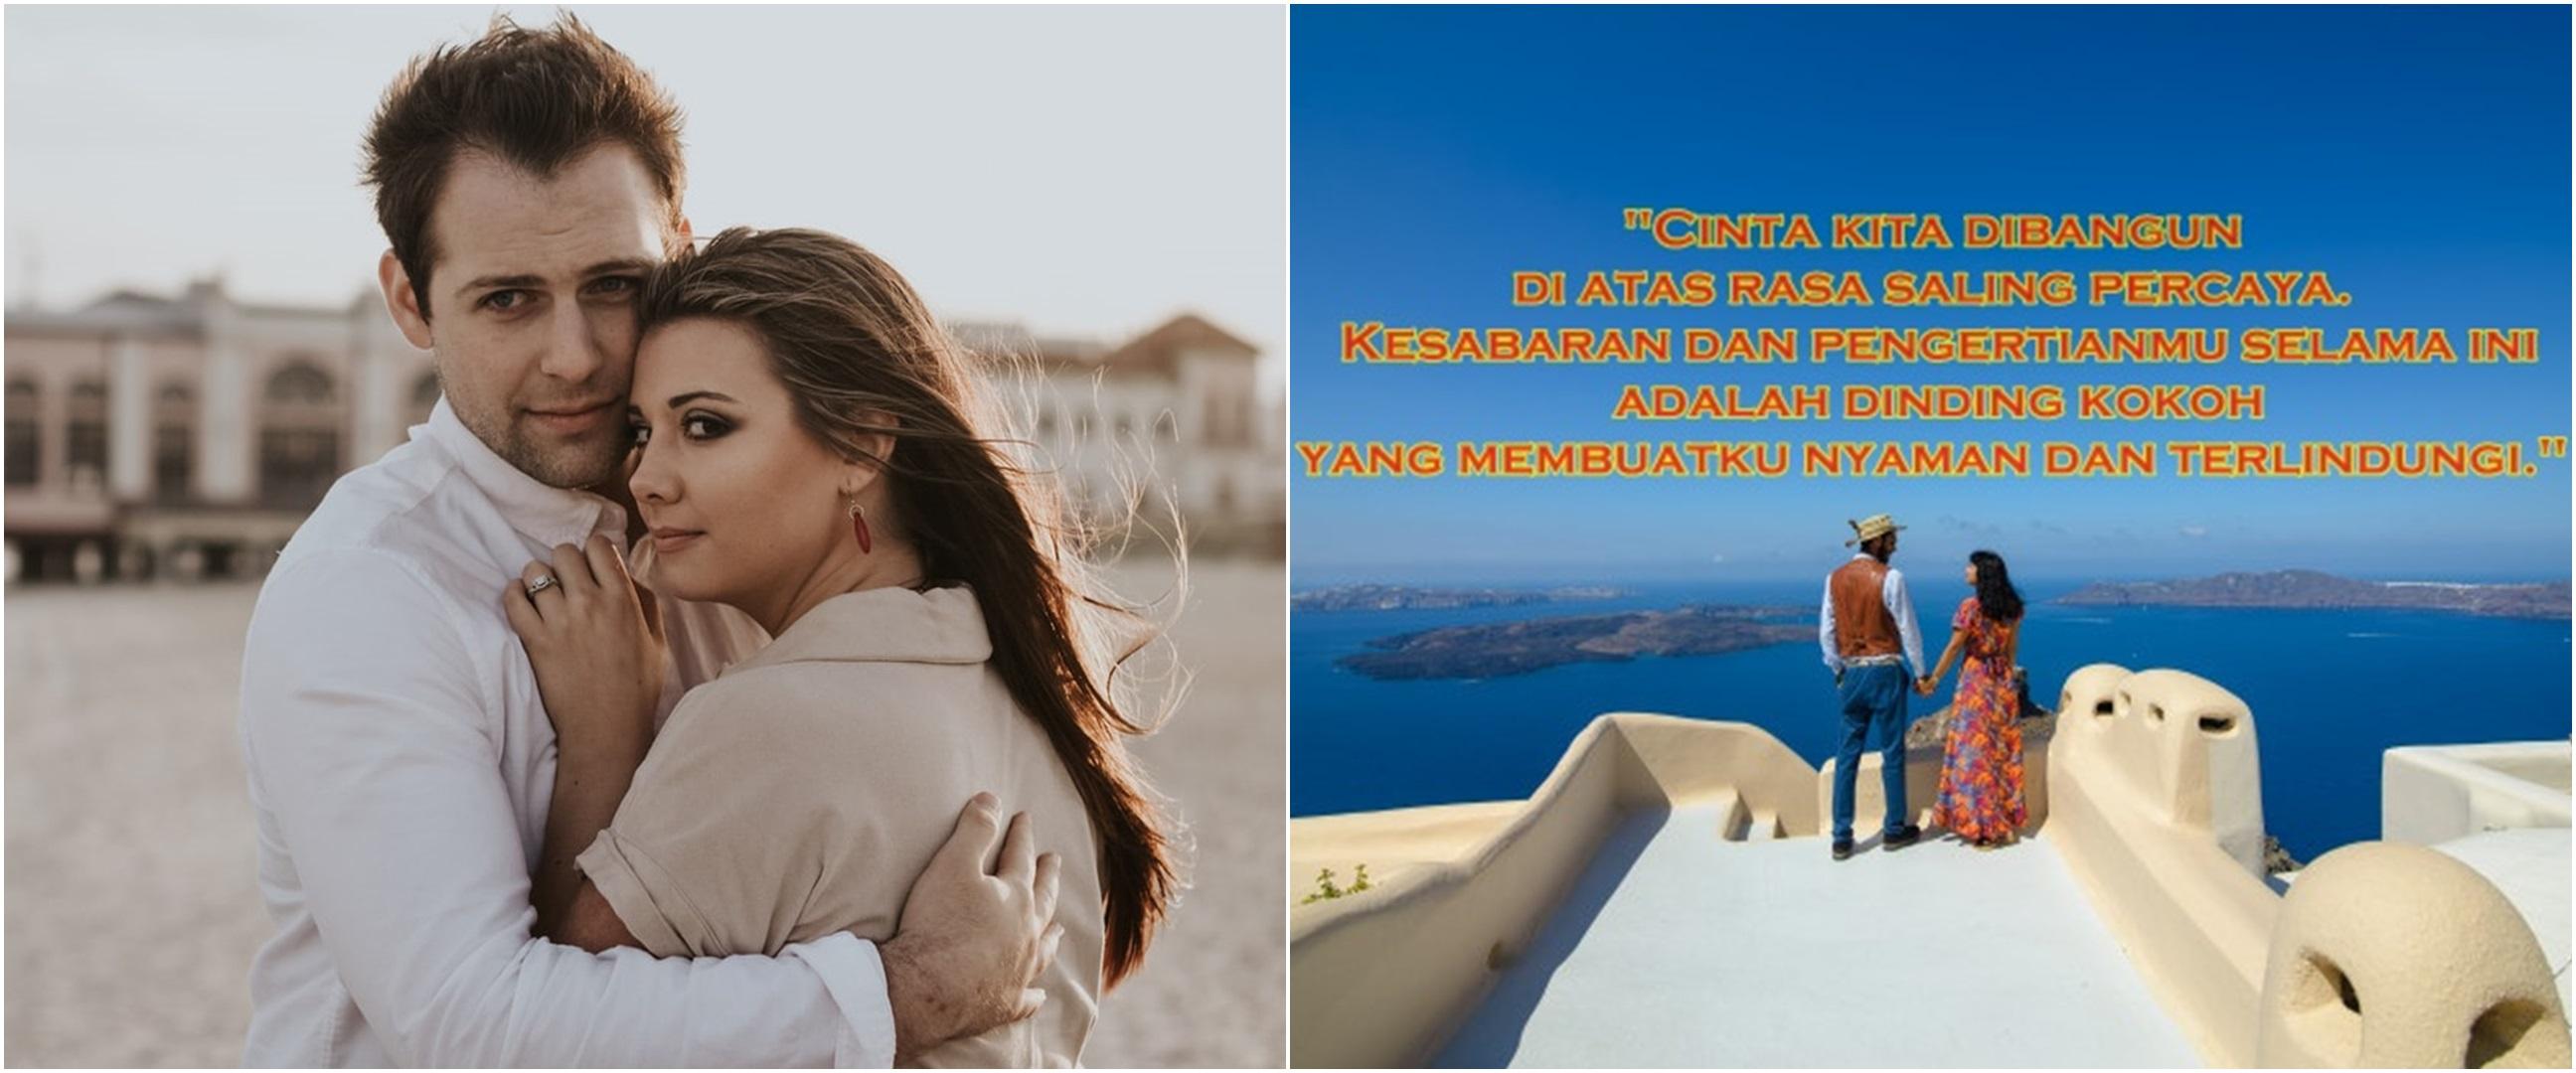 45 Kata-kata cinta untuk suami, romantis dan menyentuh hati